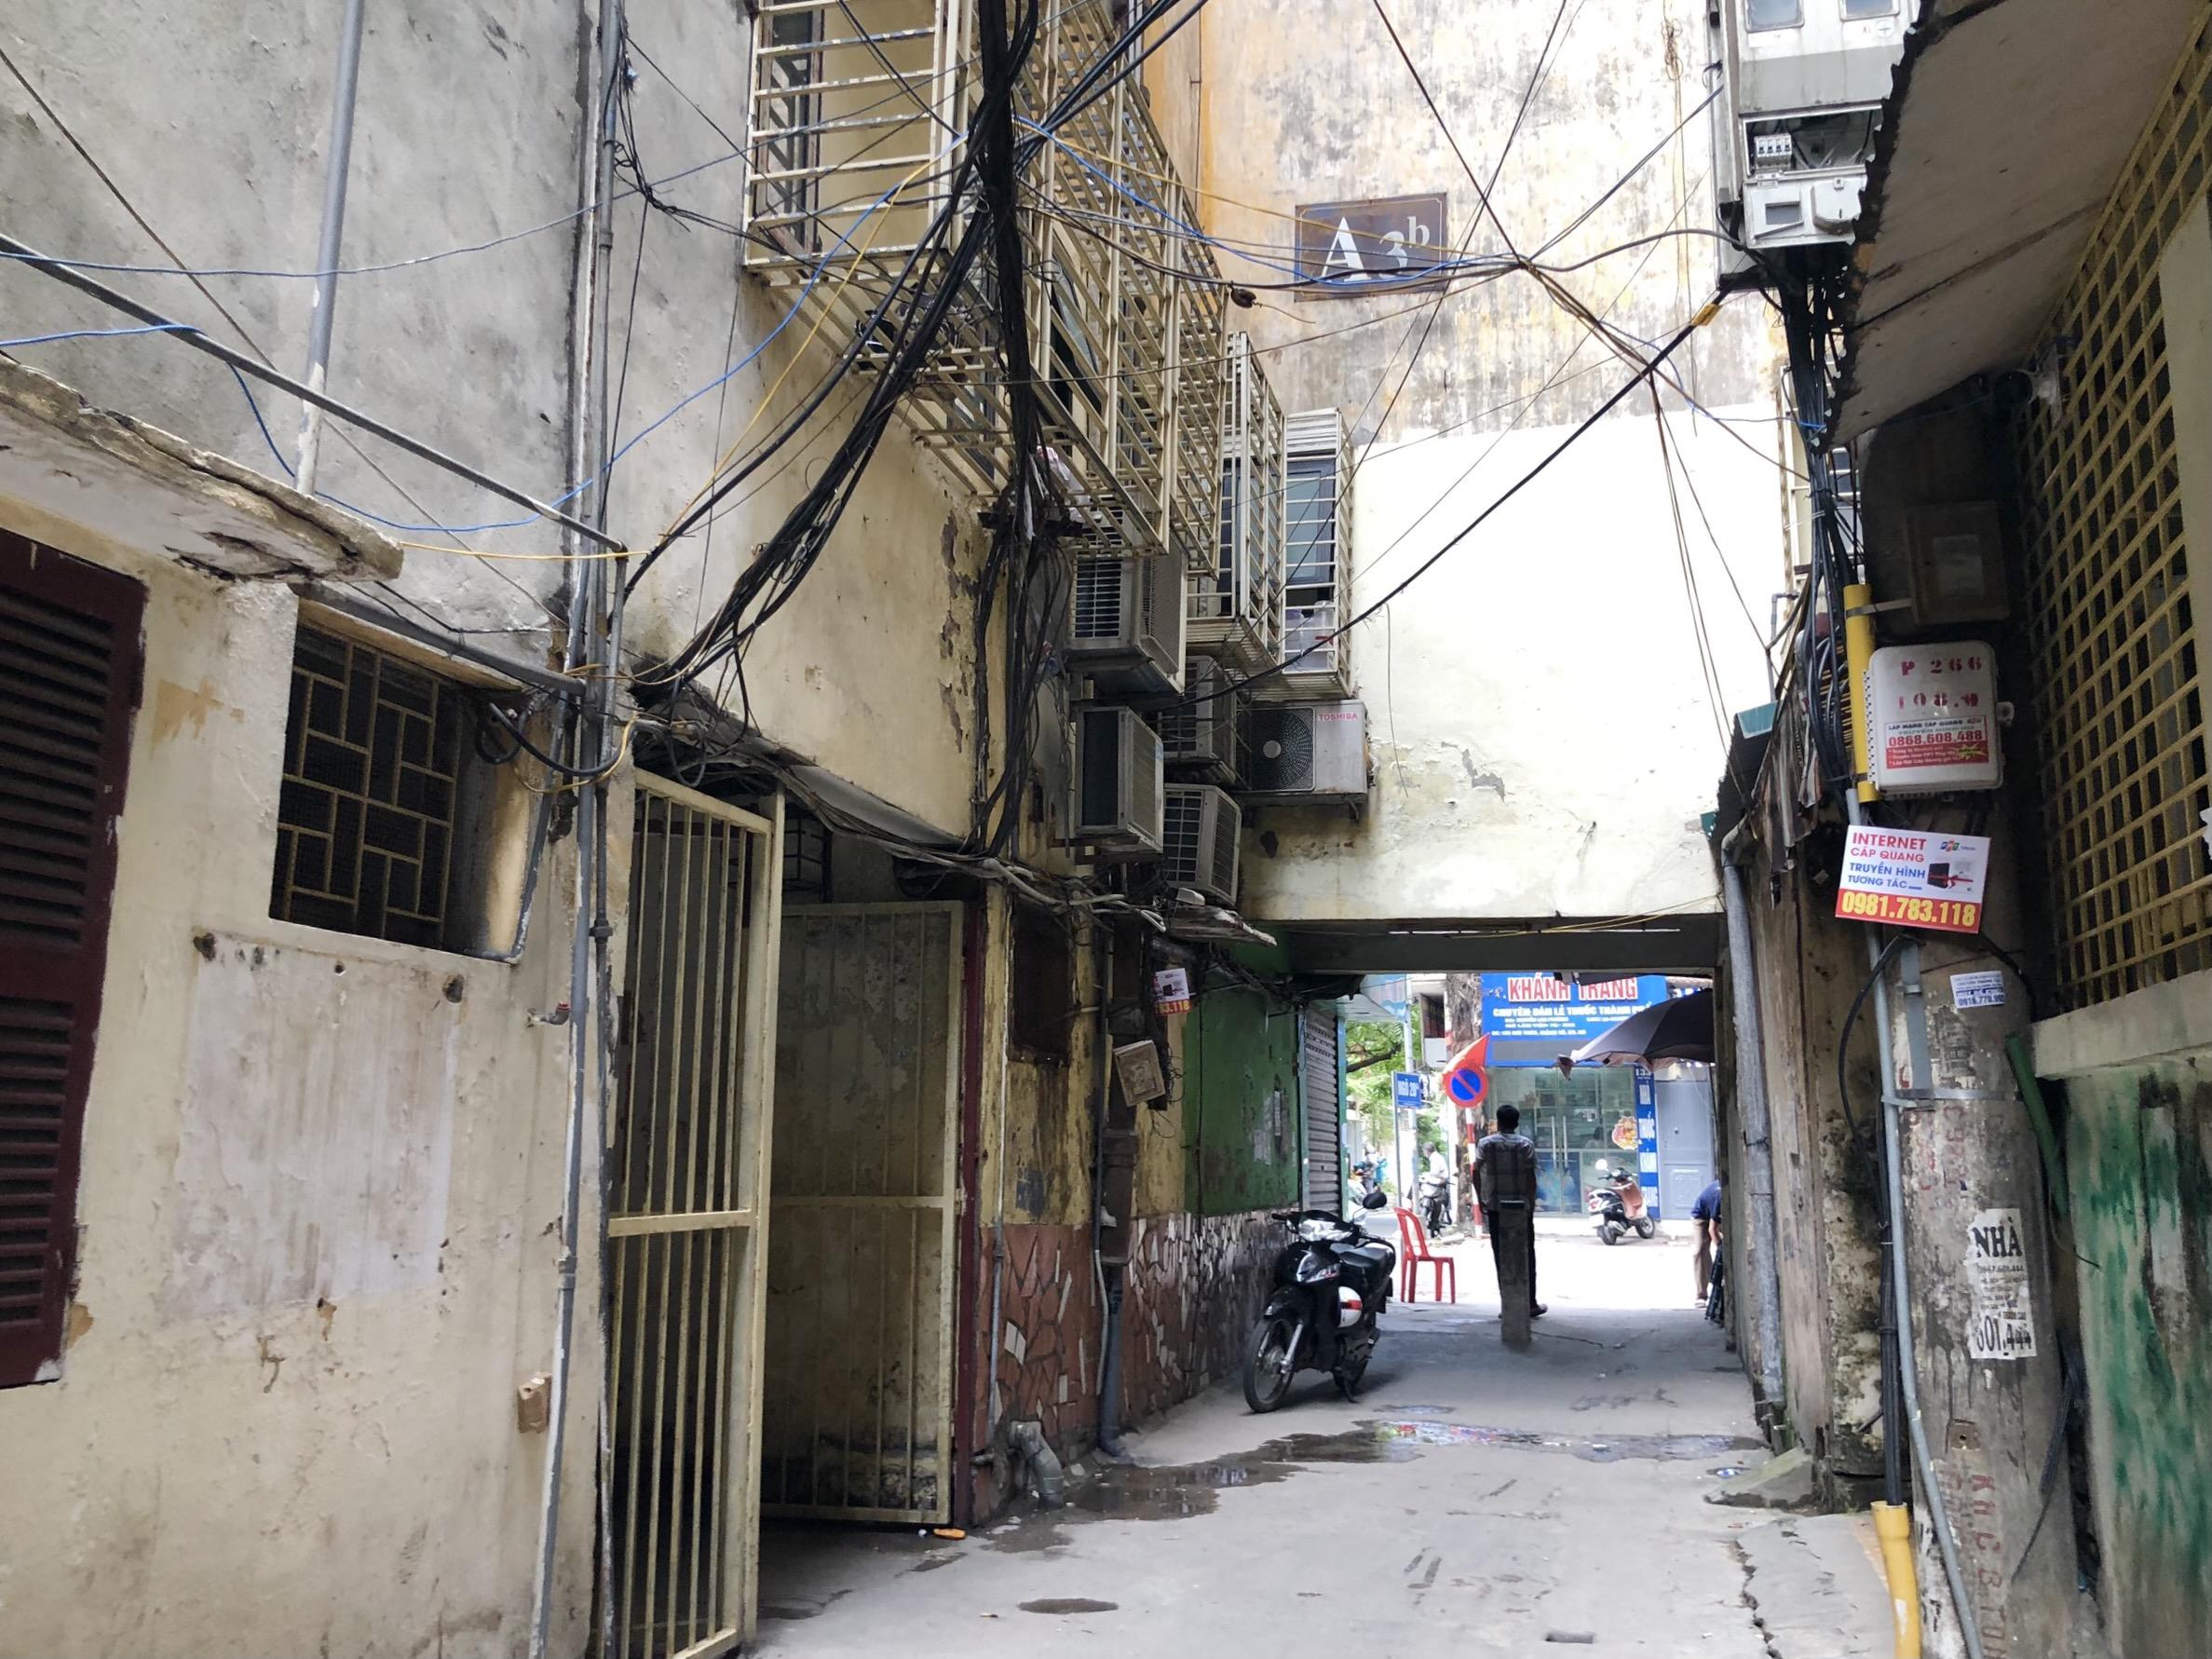 Đường sắp mở theo quy hoạch ở phường Kim Mã, Ba Đình, Hà Nội (phần 2): Mở rộng phố Núi Trúc  - Ảnh 9.